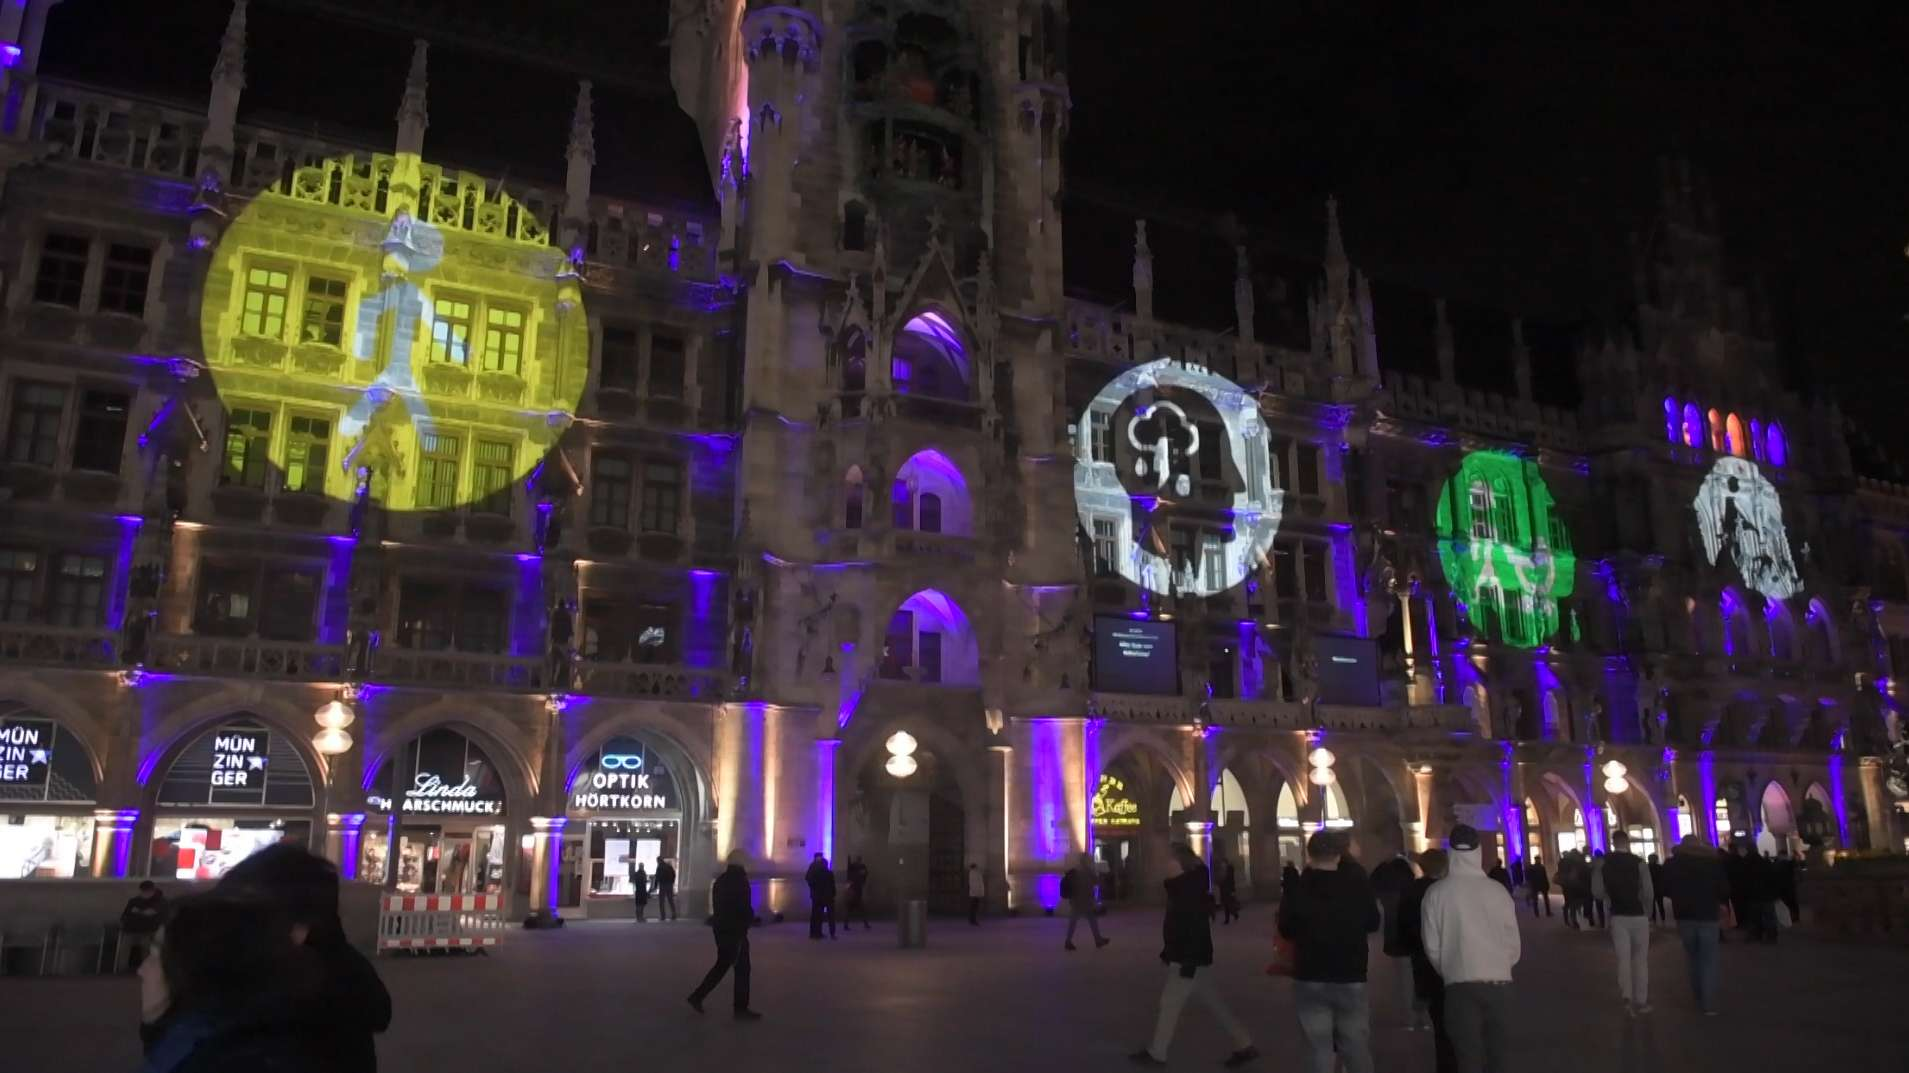 Mit einer Lichtinstallation an der Frauenkirche und am Rathaus setzte die Stadt München heute ein Zeichen für die Gleichberechtigung von Menschen mit Behinderung.